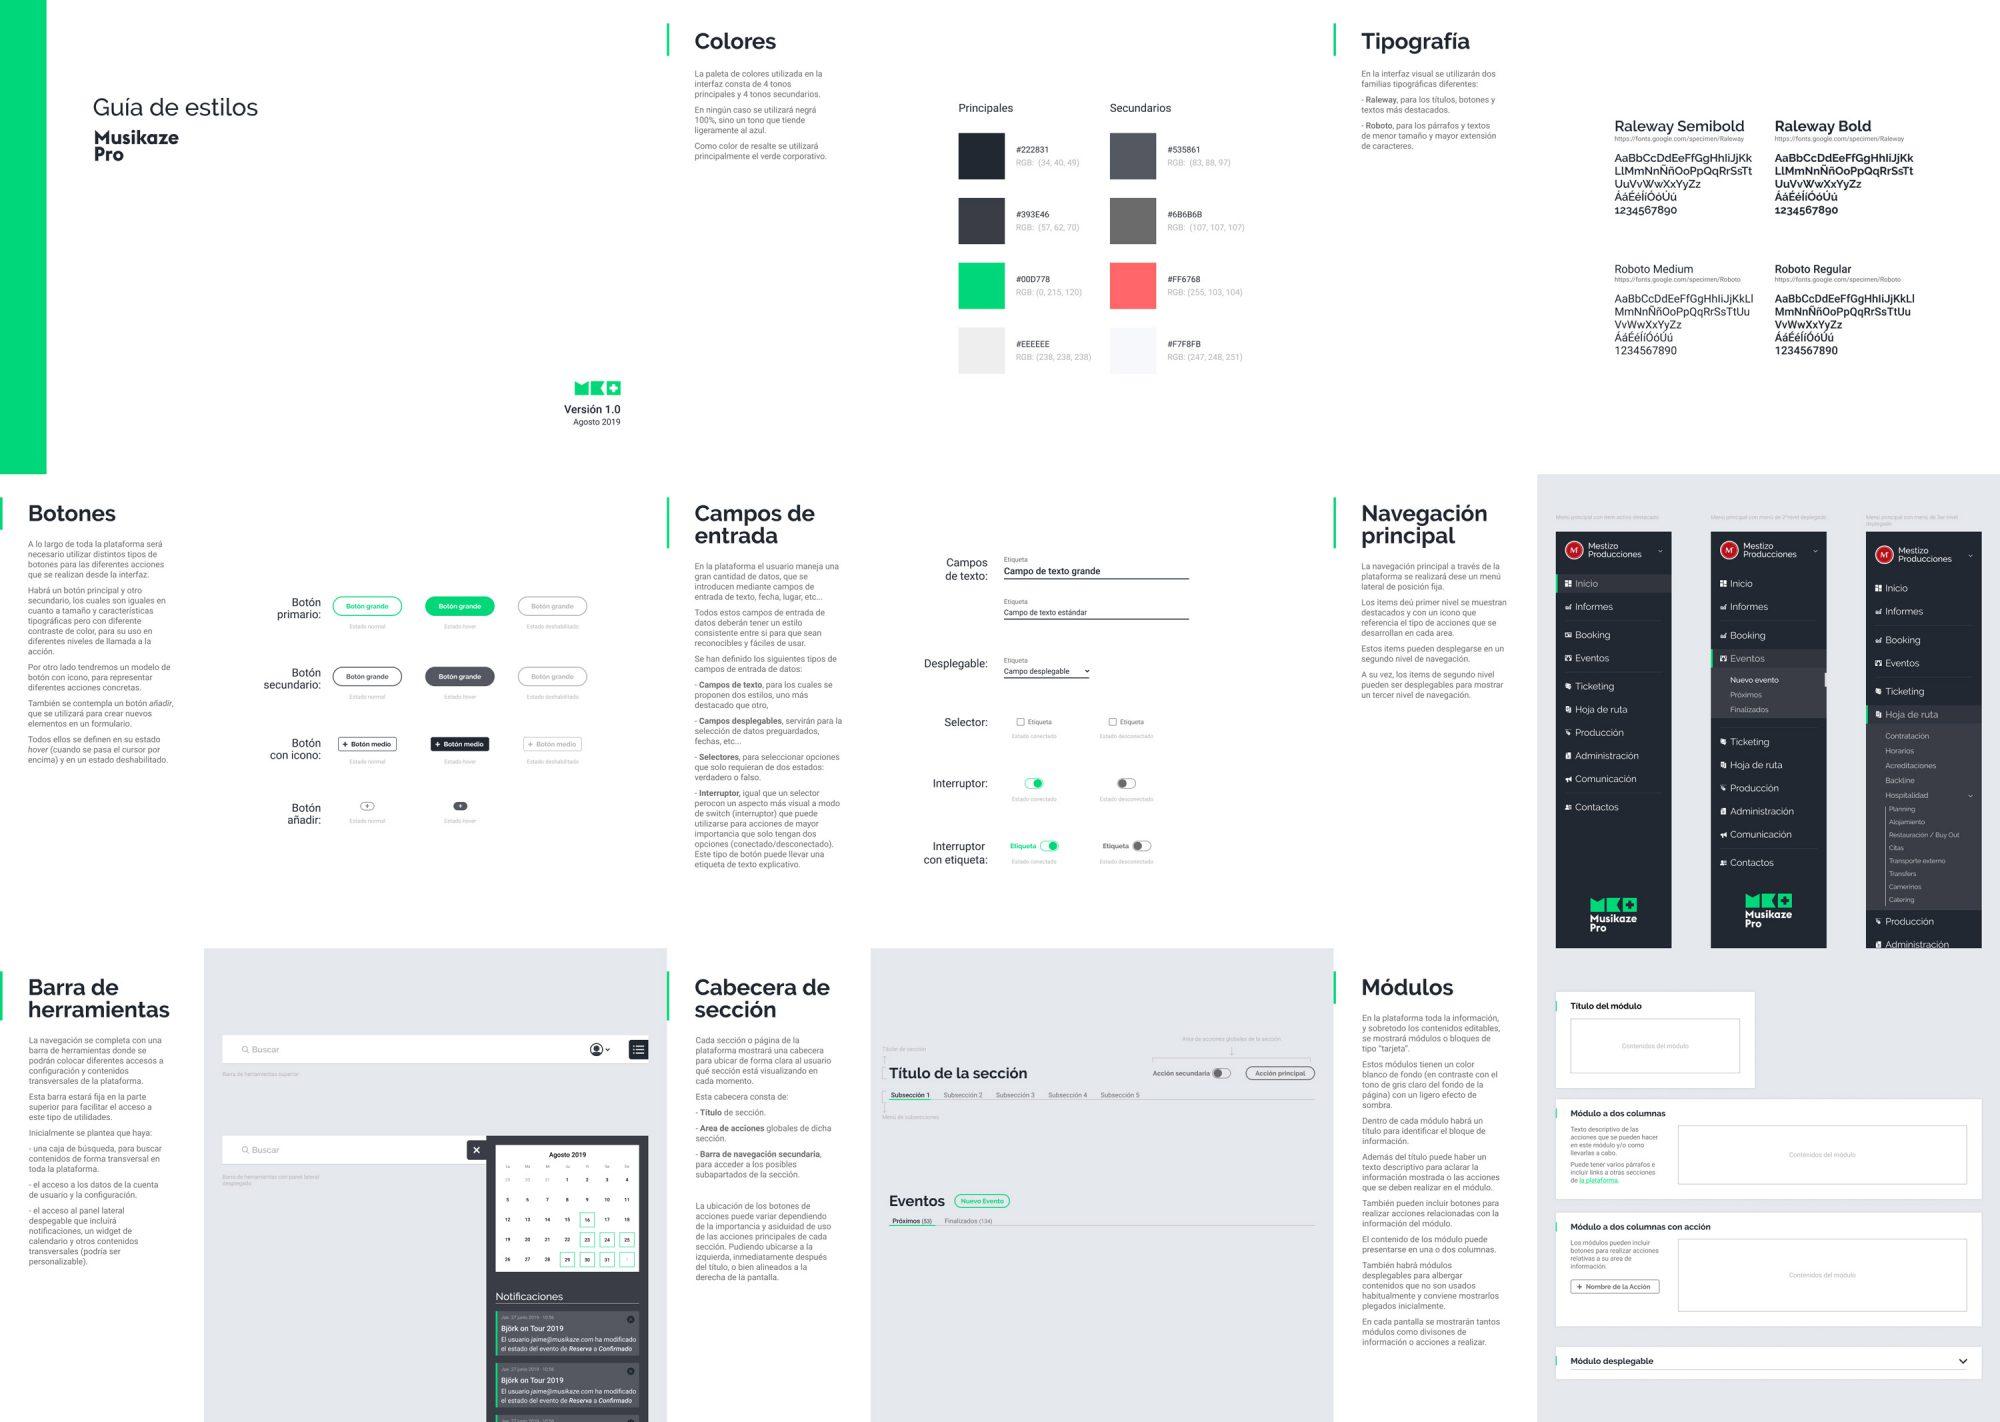 Algunas páginas de la guía de estilos que describe los componentes del diseño de interfaz de la aplicación Musikaze Pro.